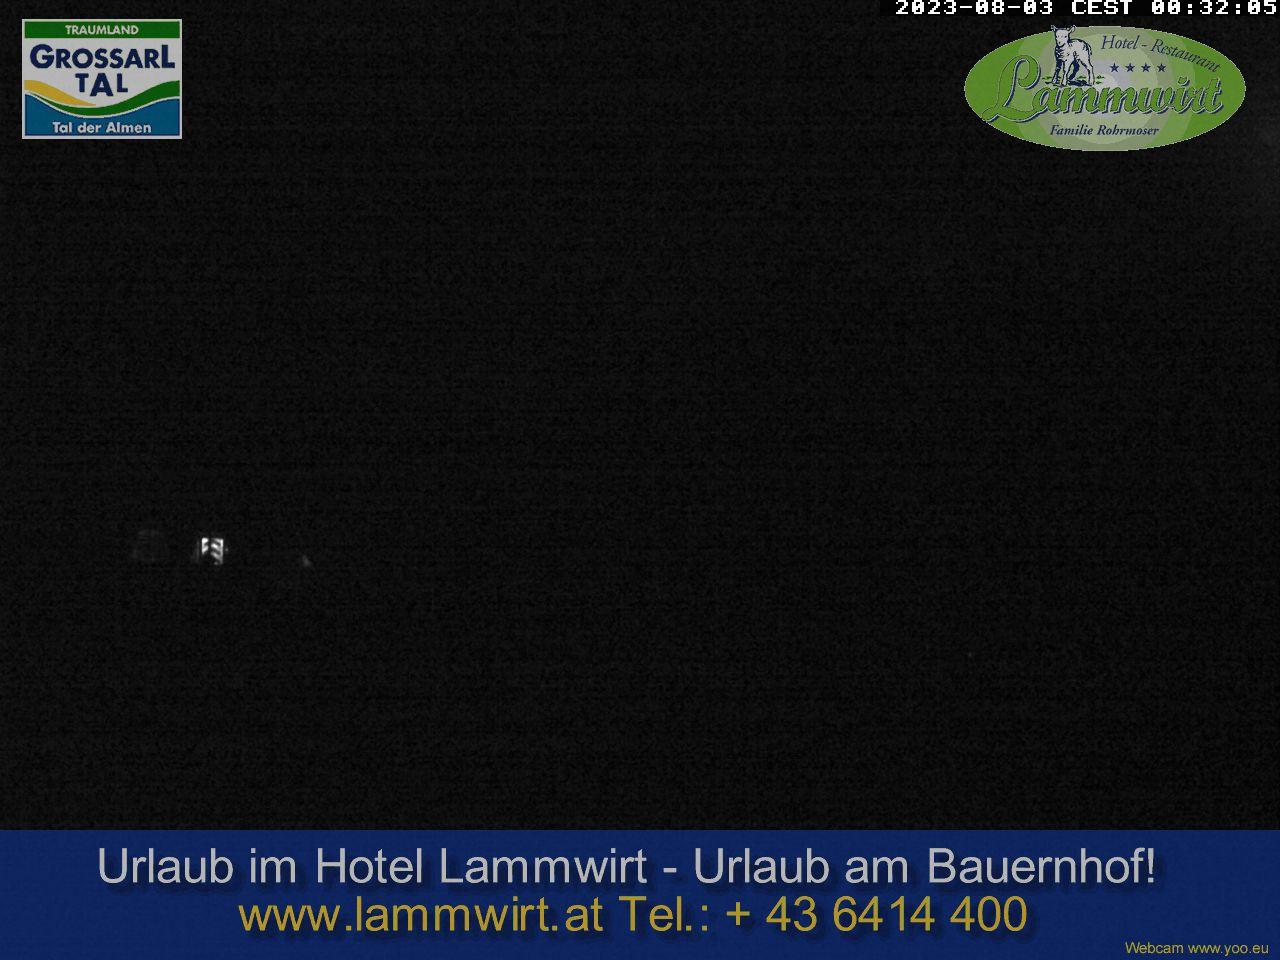 WEBkamera Grossarl - Ellmautal, hotel Lammwirt